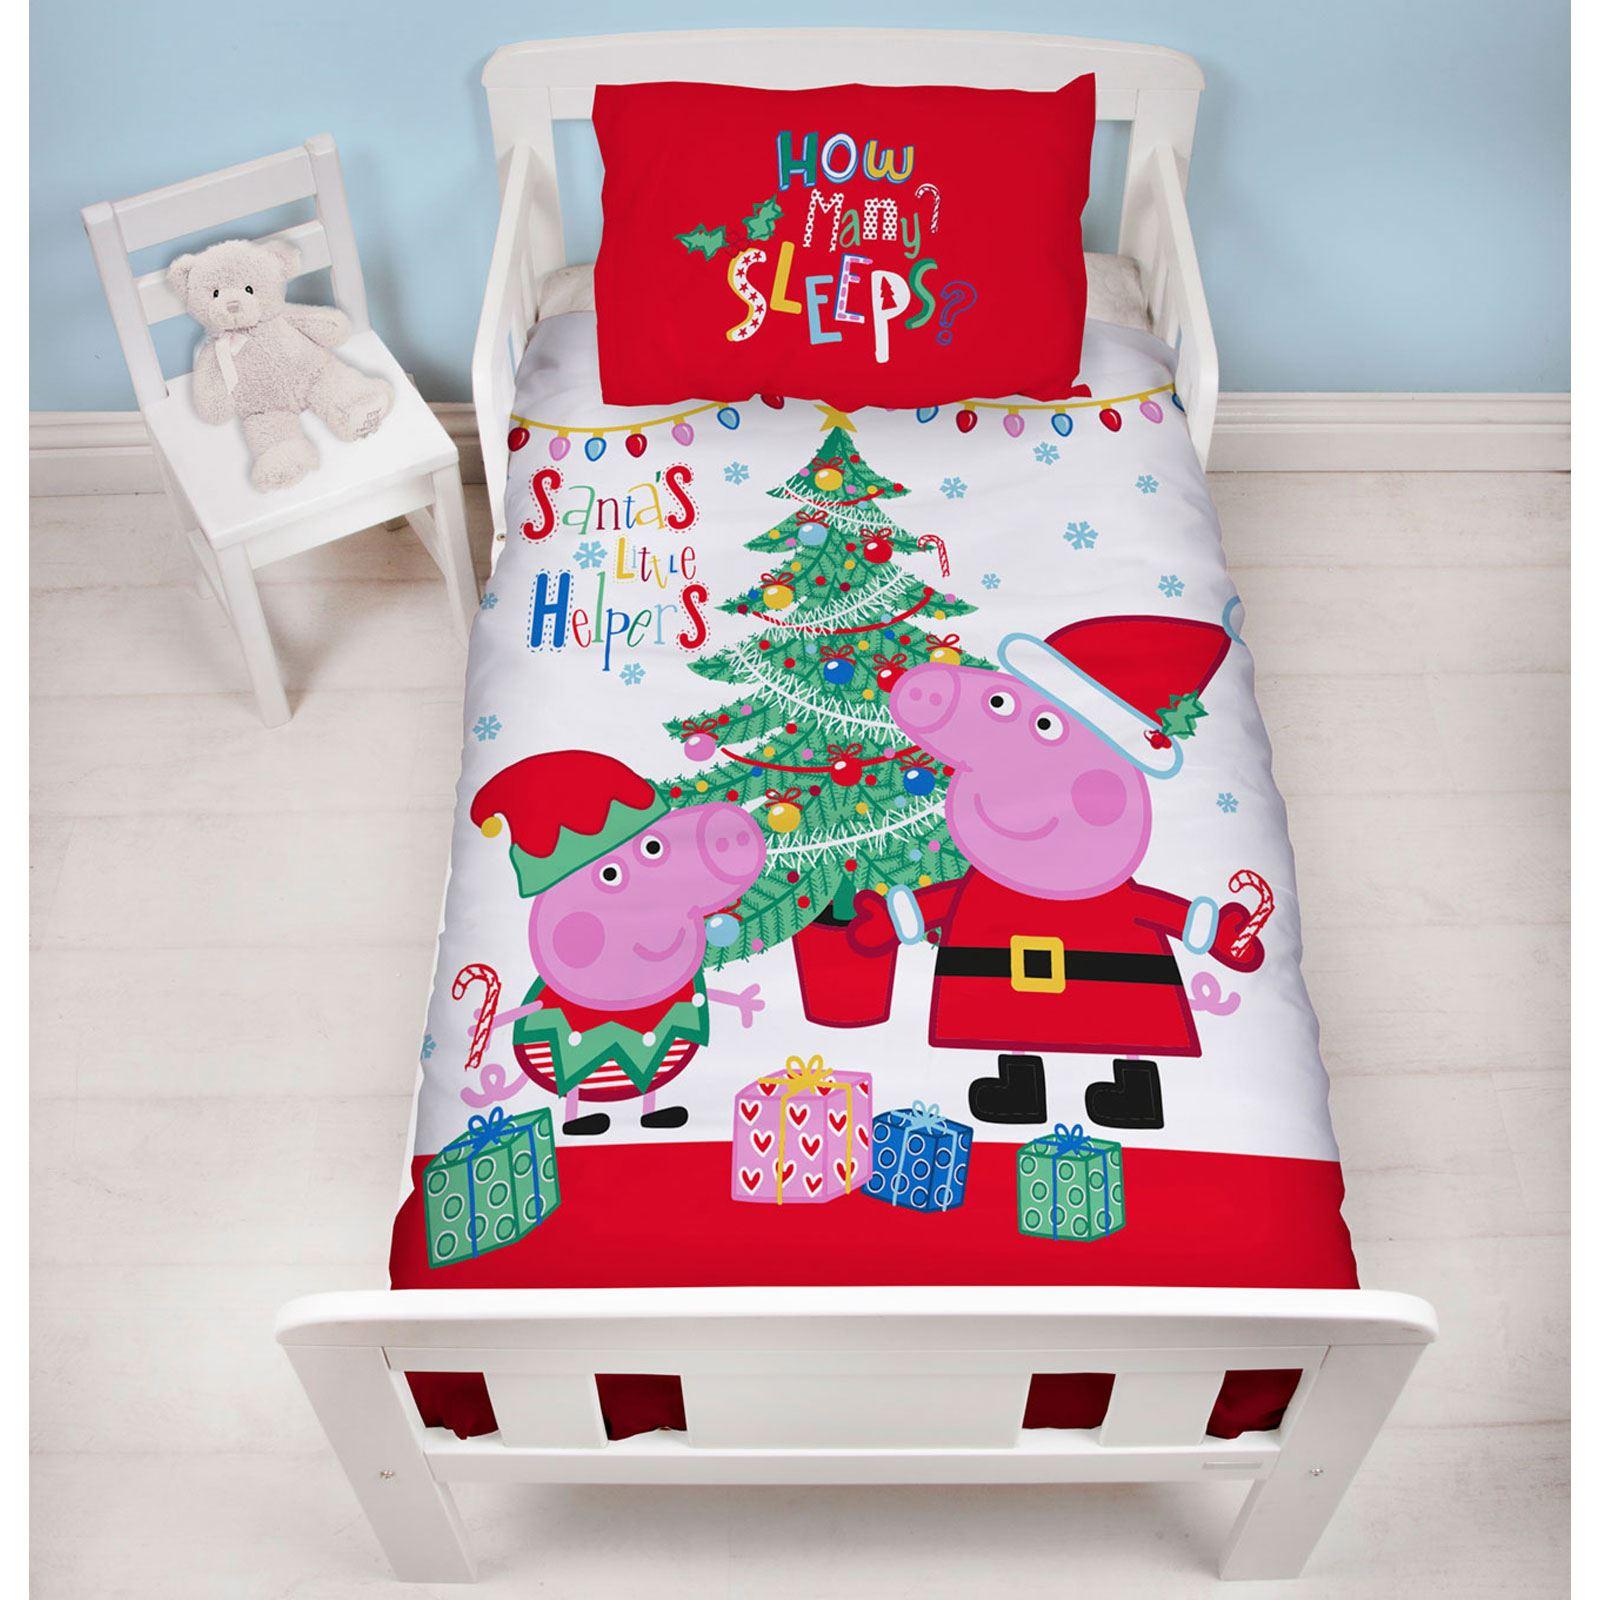 Indexbild 57 - Kinder Weihnachten Bettbezug Sets - Junior Einzel Doppel King - Elf Emoji Grinch